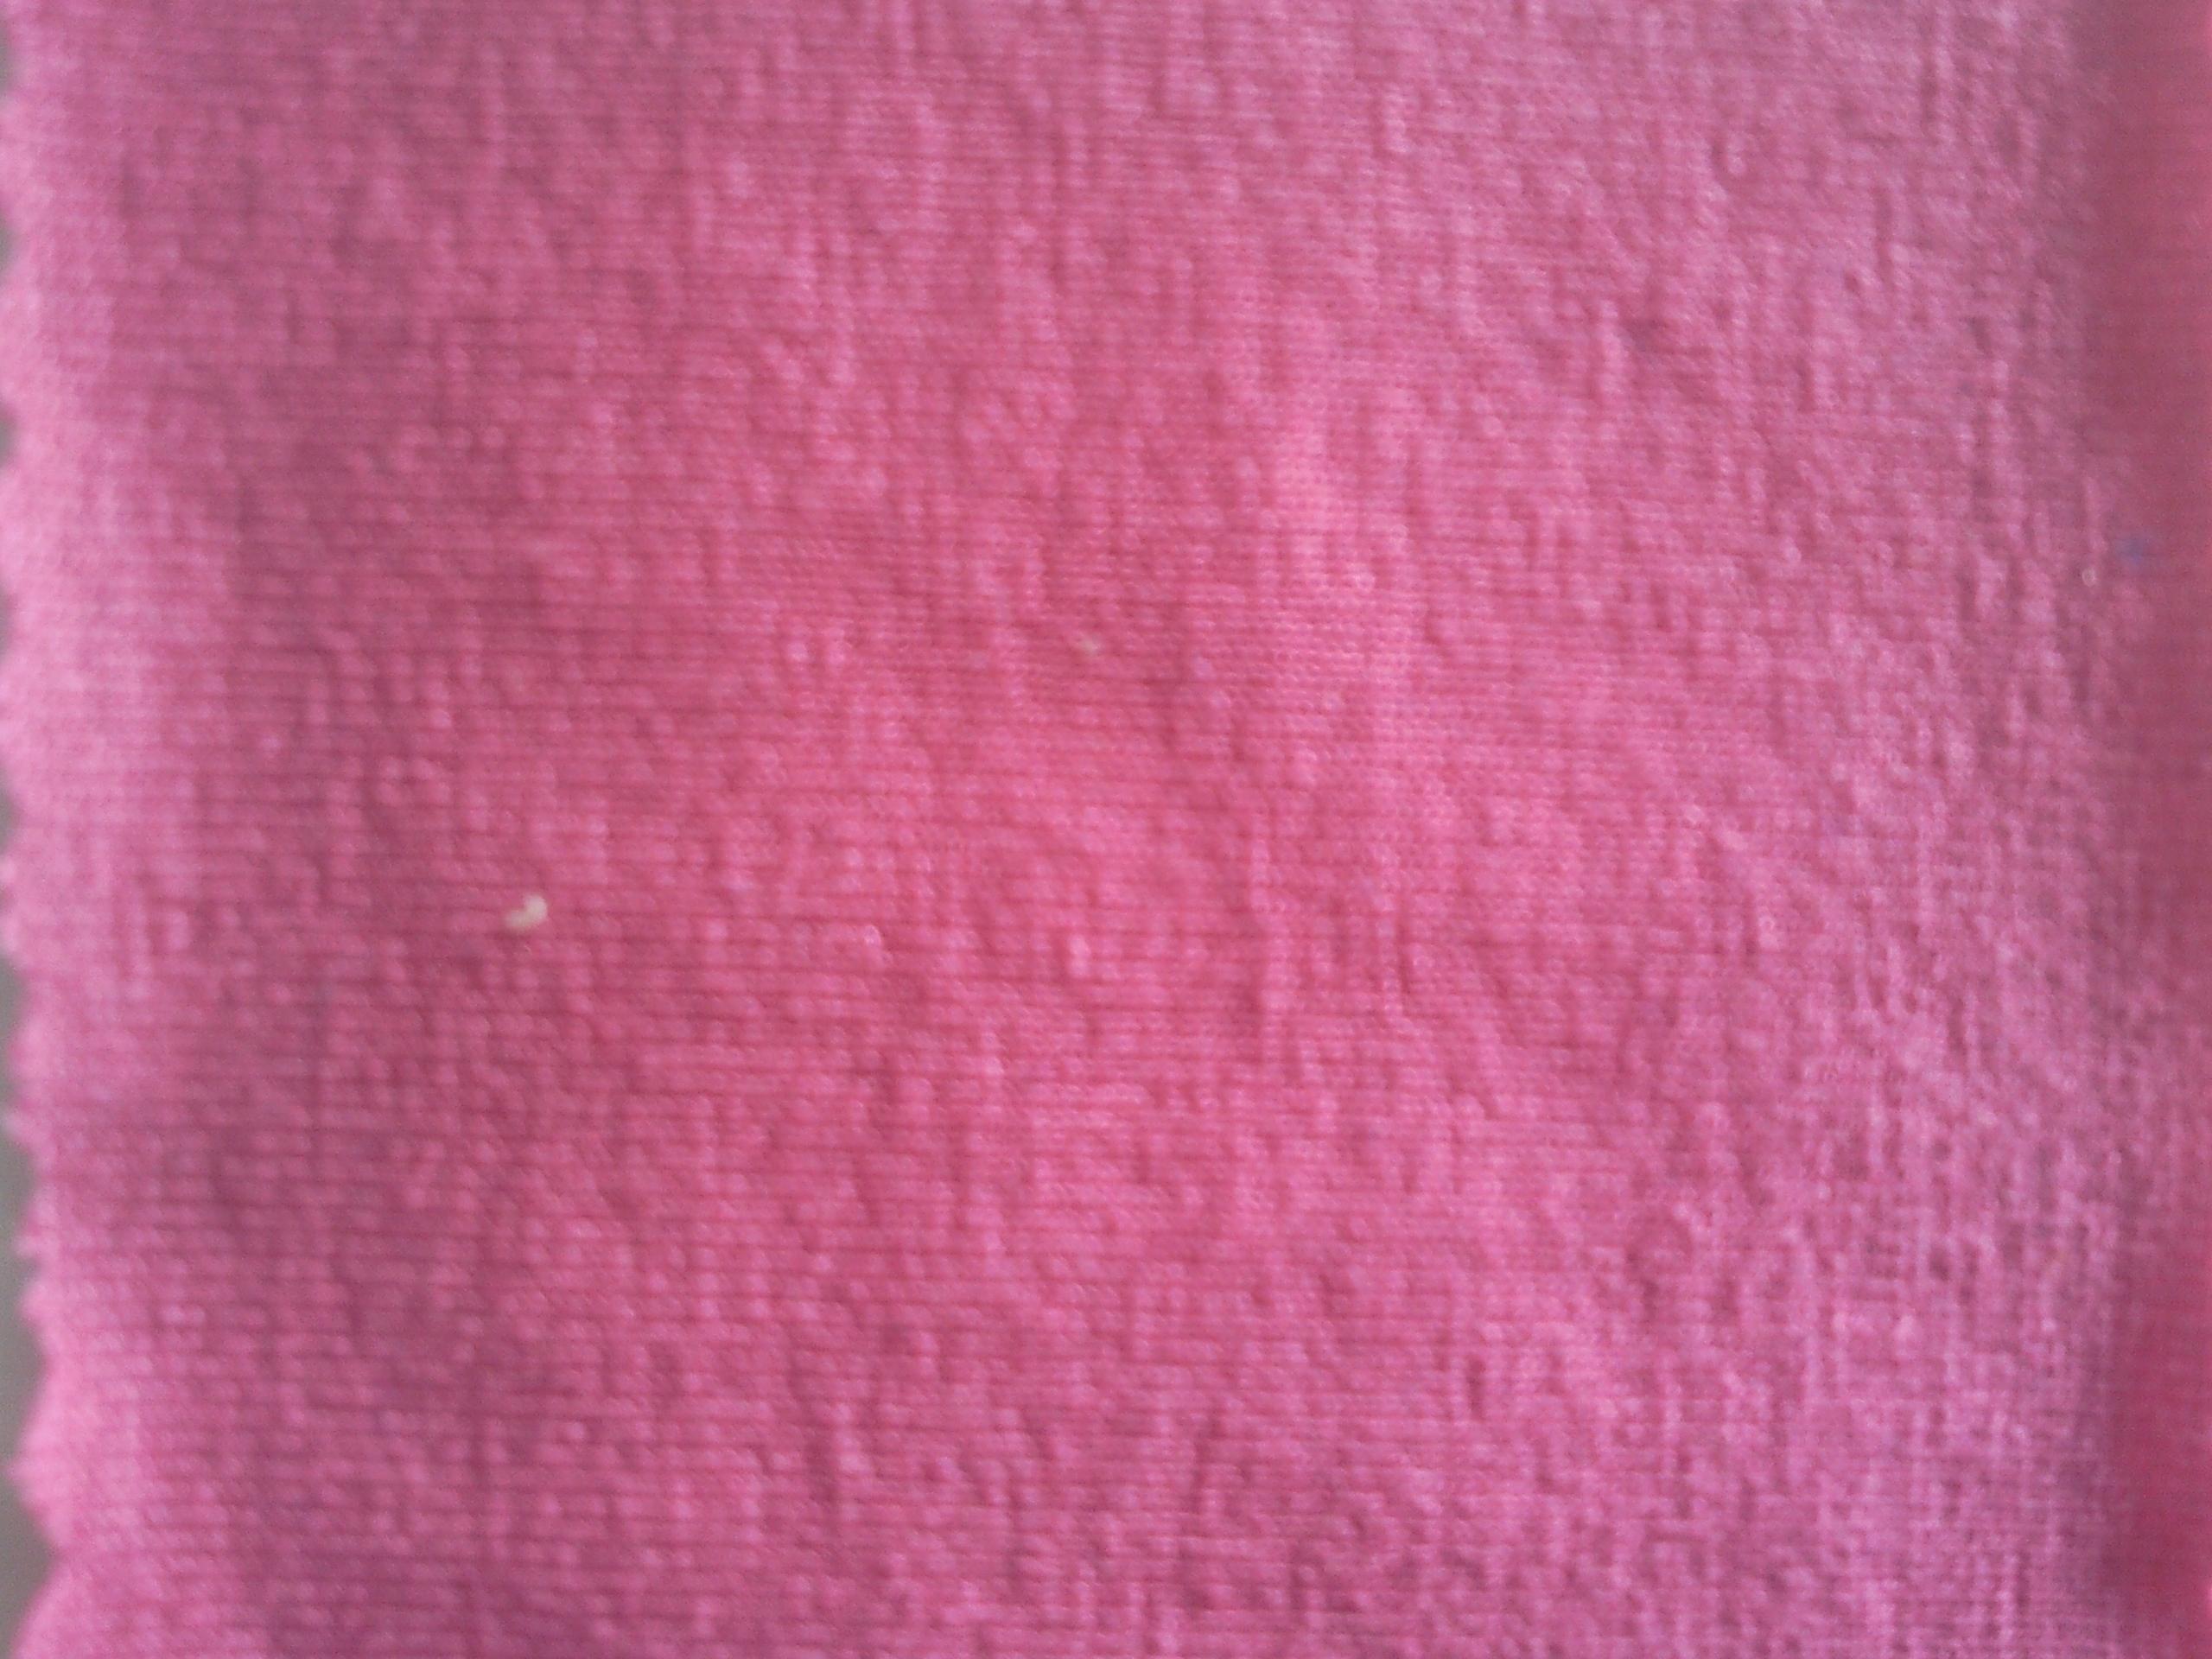 Ткань вискоза: что это такое Состав, фото, виды и свойства ткани